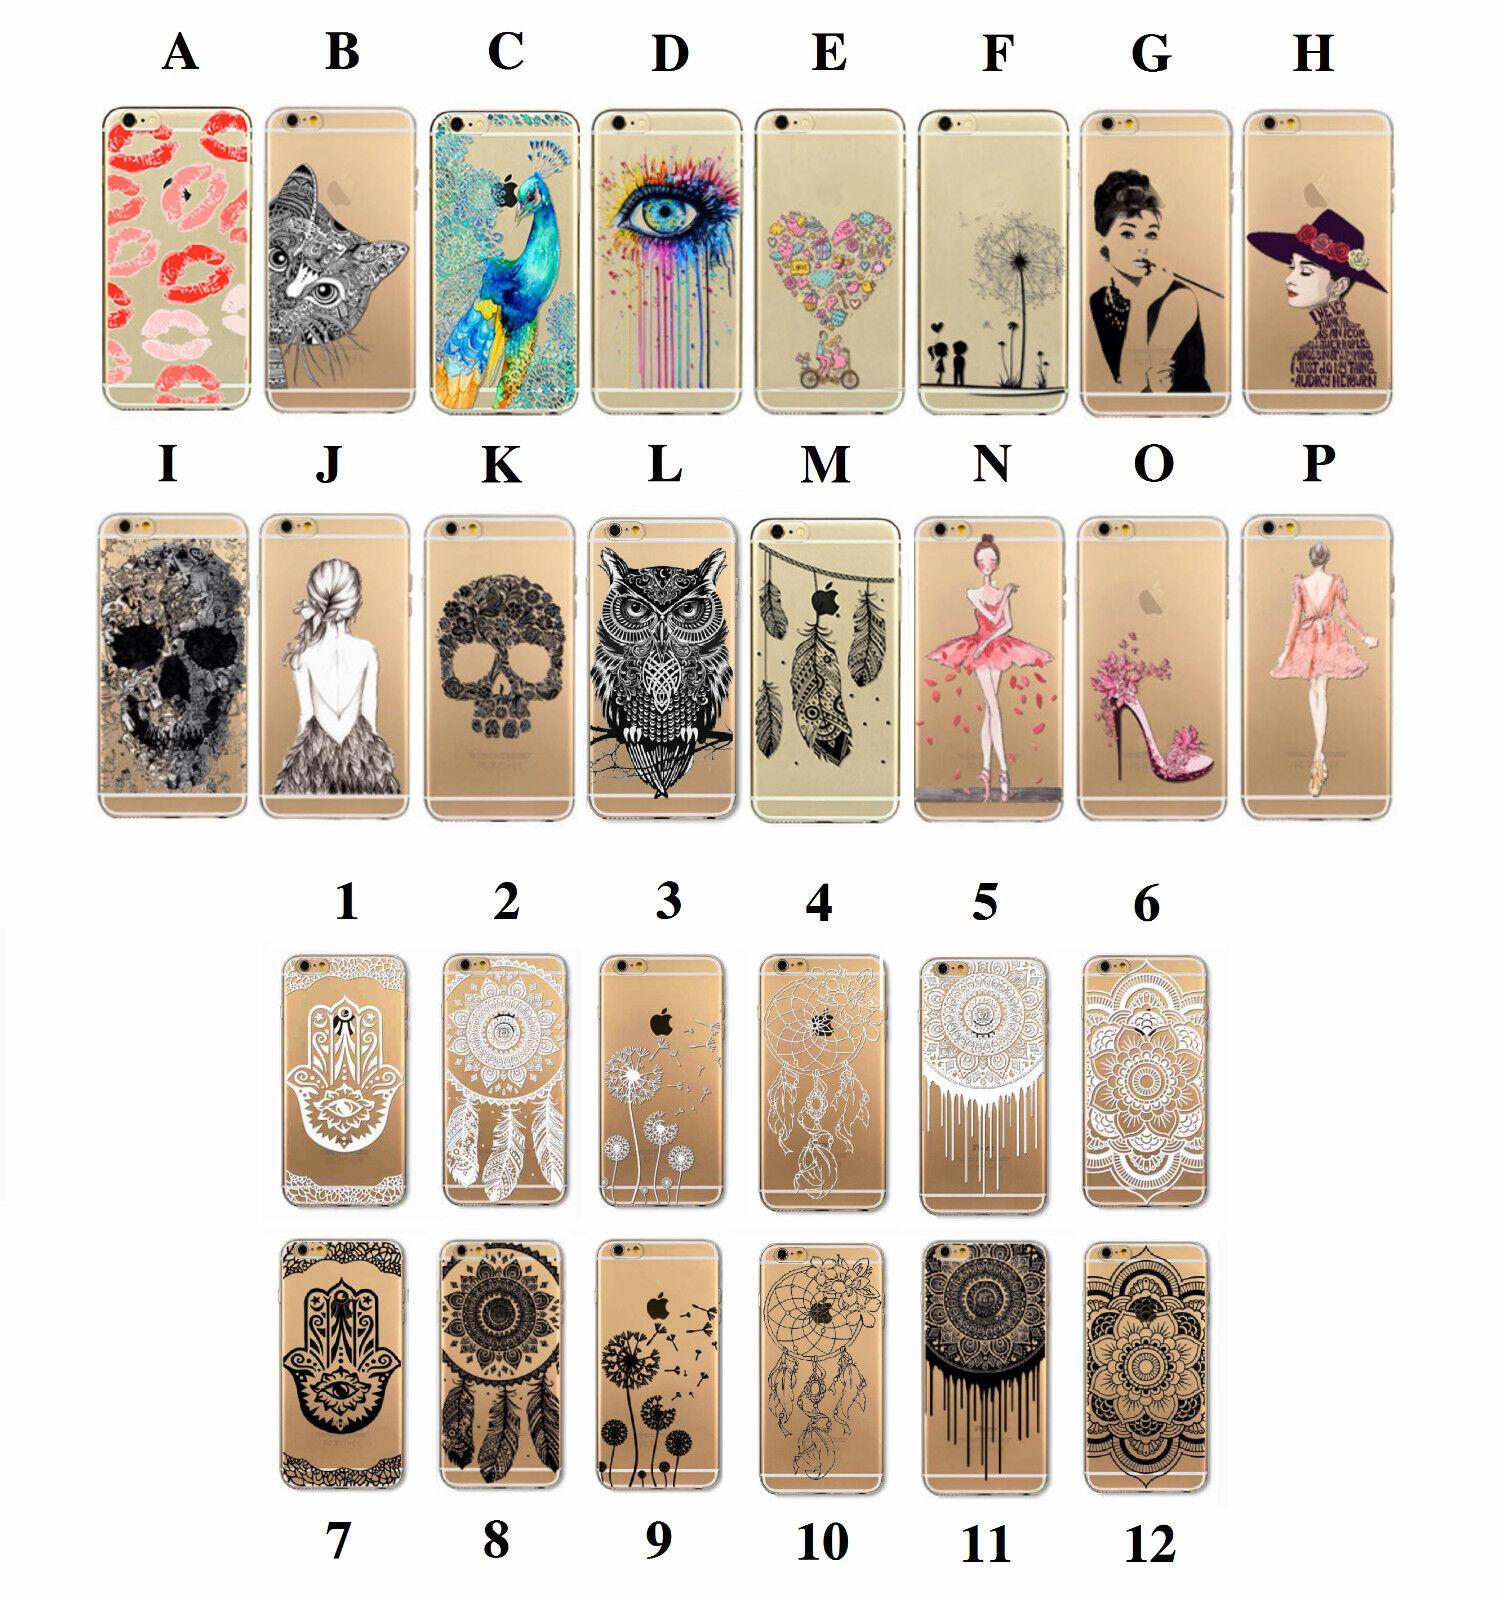 Handy Hülle Apple iPhone 5 5s SE 7 7 Plus 8 8 Plus Cover Case Schale Tasche